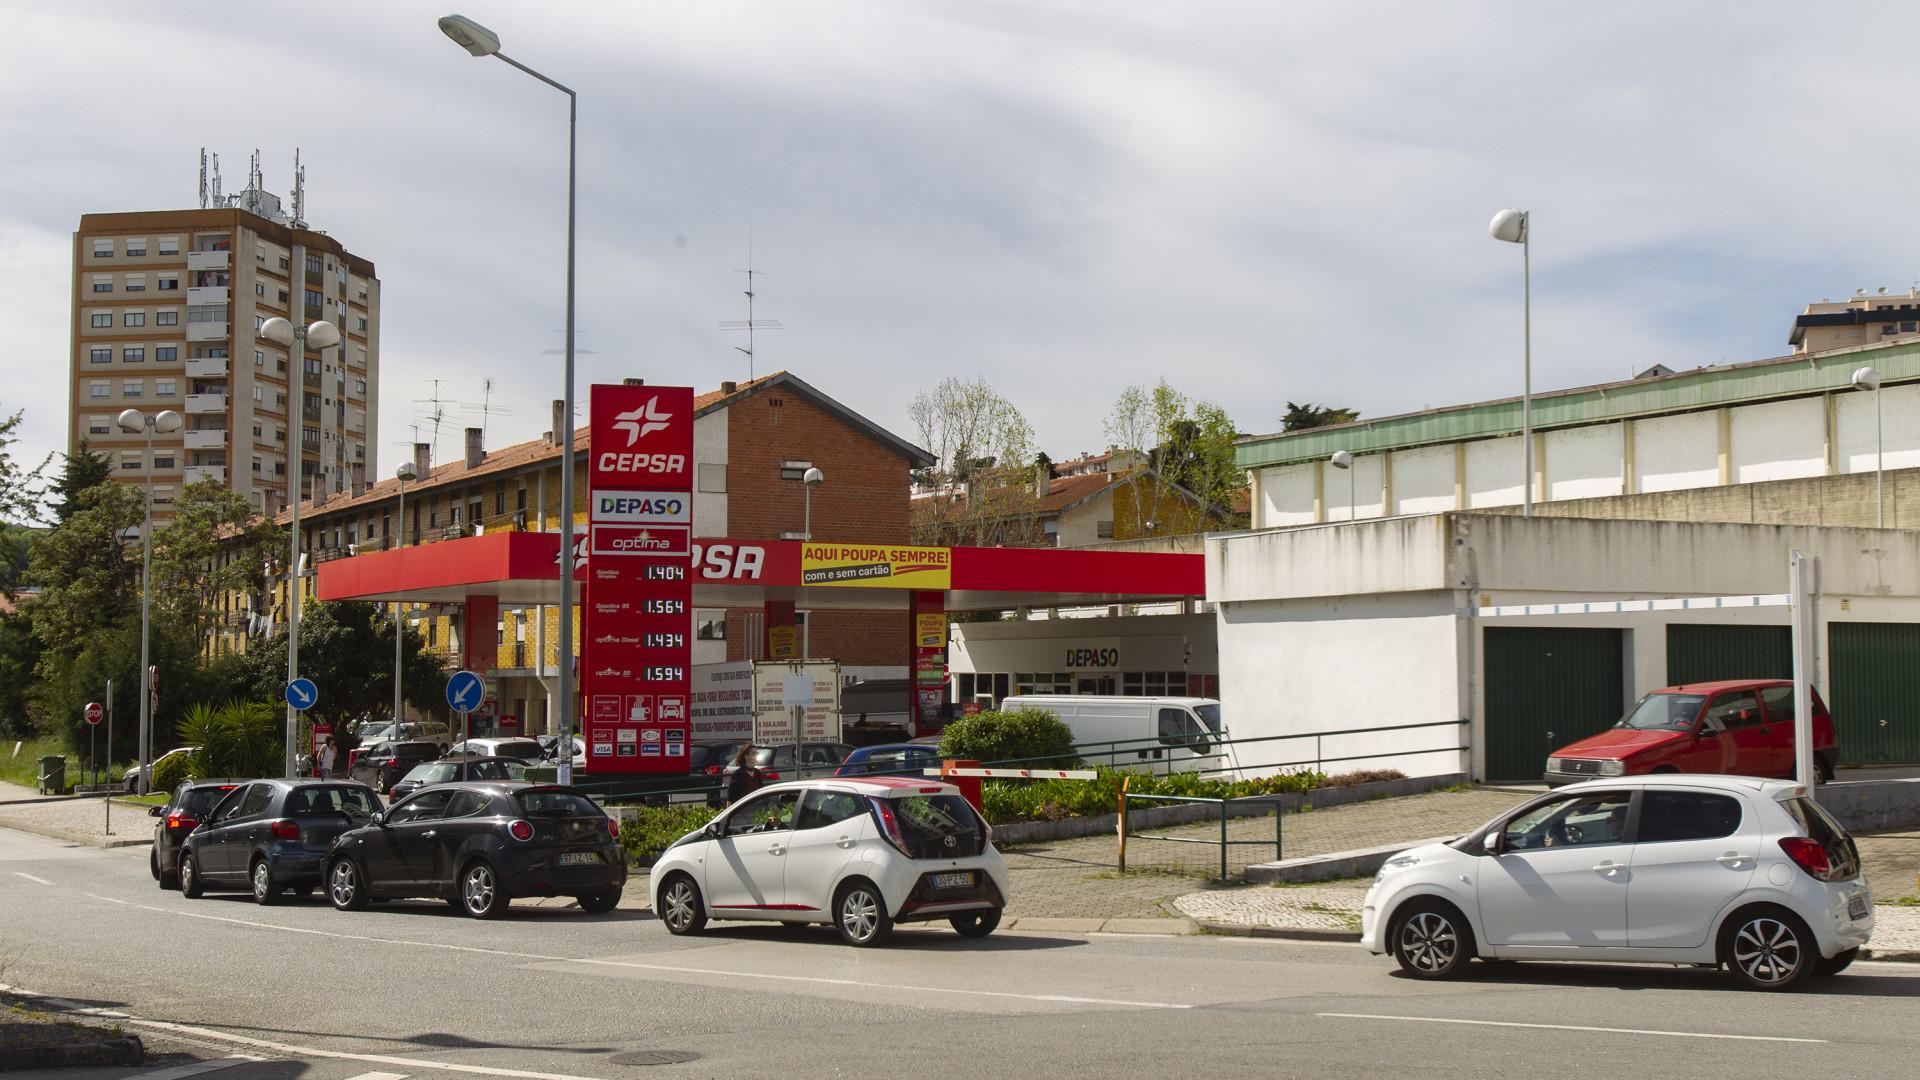 99f3a31b27f8 ... cidade de Coimbra estão sem gasóleo devido à greve dos motoristas de  matérias perigosas e registam-se hoje de filas nas poucas estações que  ainda vendem ...